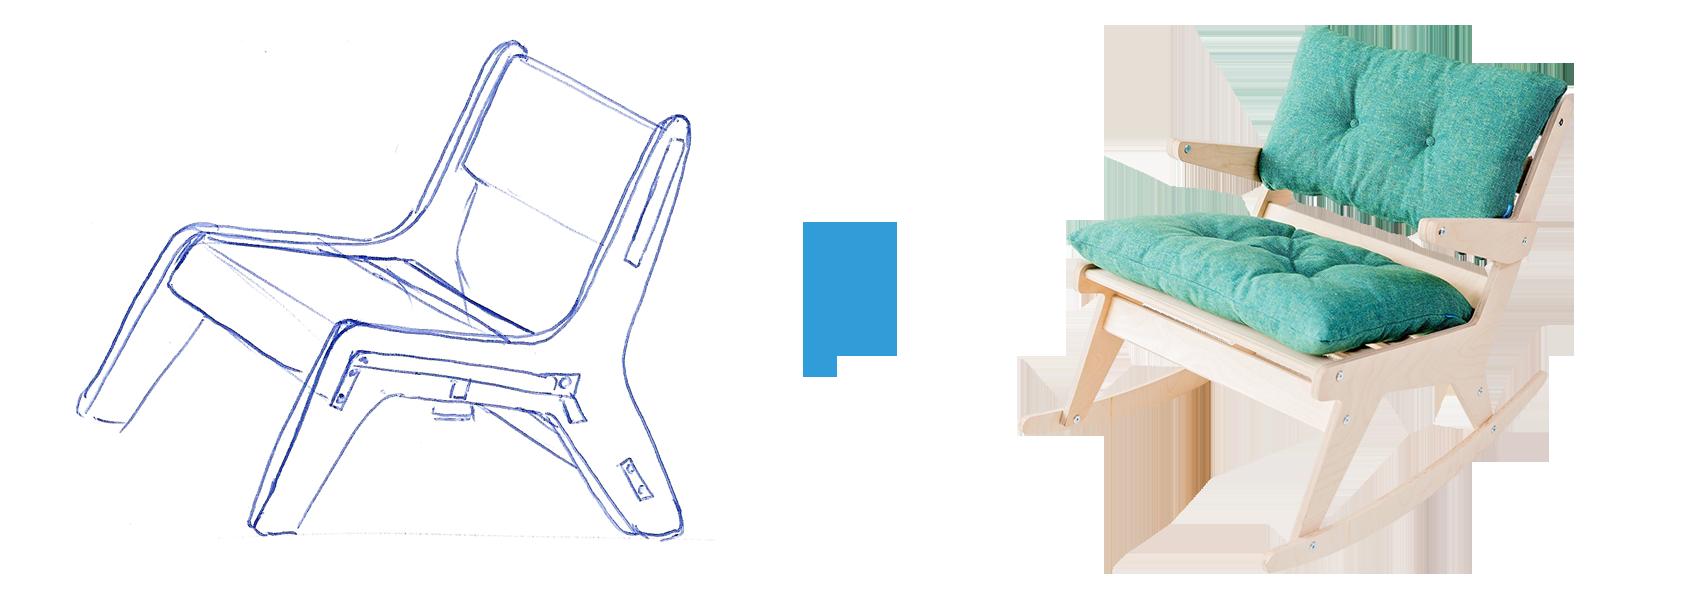 schets naar eindproduct